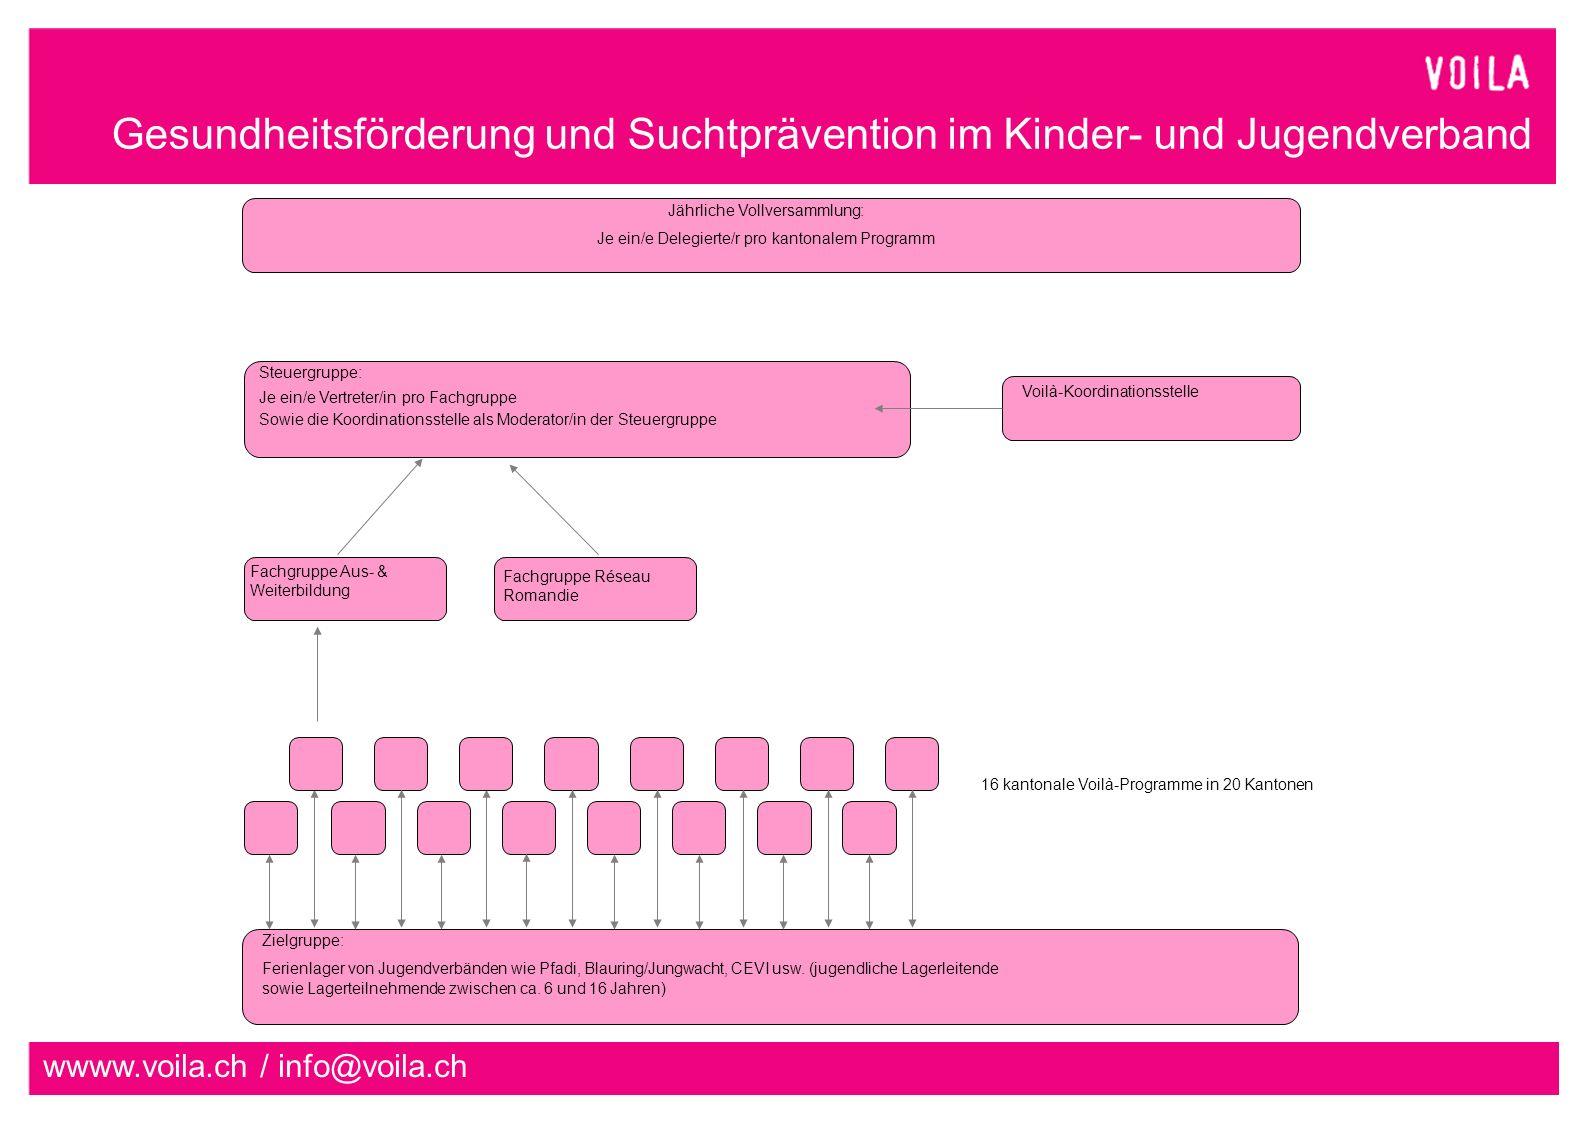 Gesundheitsförderung und Suchtprävention im Kinder- und Jugendverband wwww.voila.ch / info@voila.ch Zielgruppe: Ferienlager von Jugendverbänden wie Pfadi, Blauring/Jungwacht, CEVI usw.